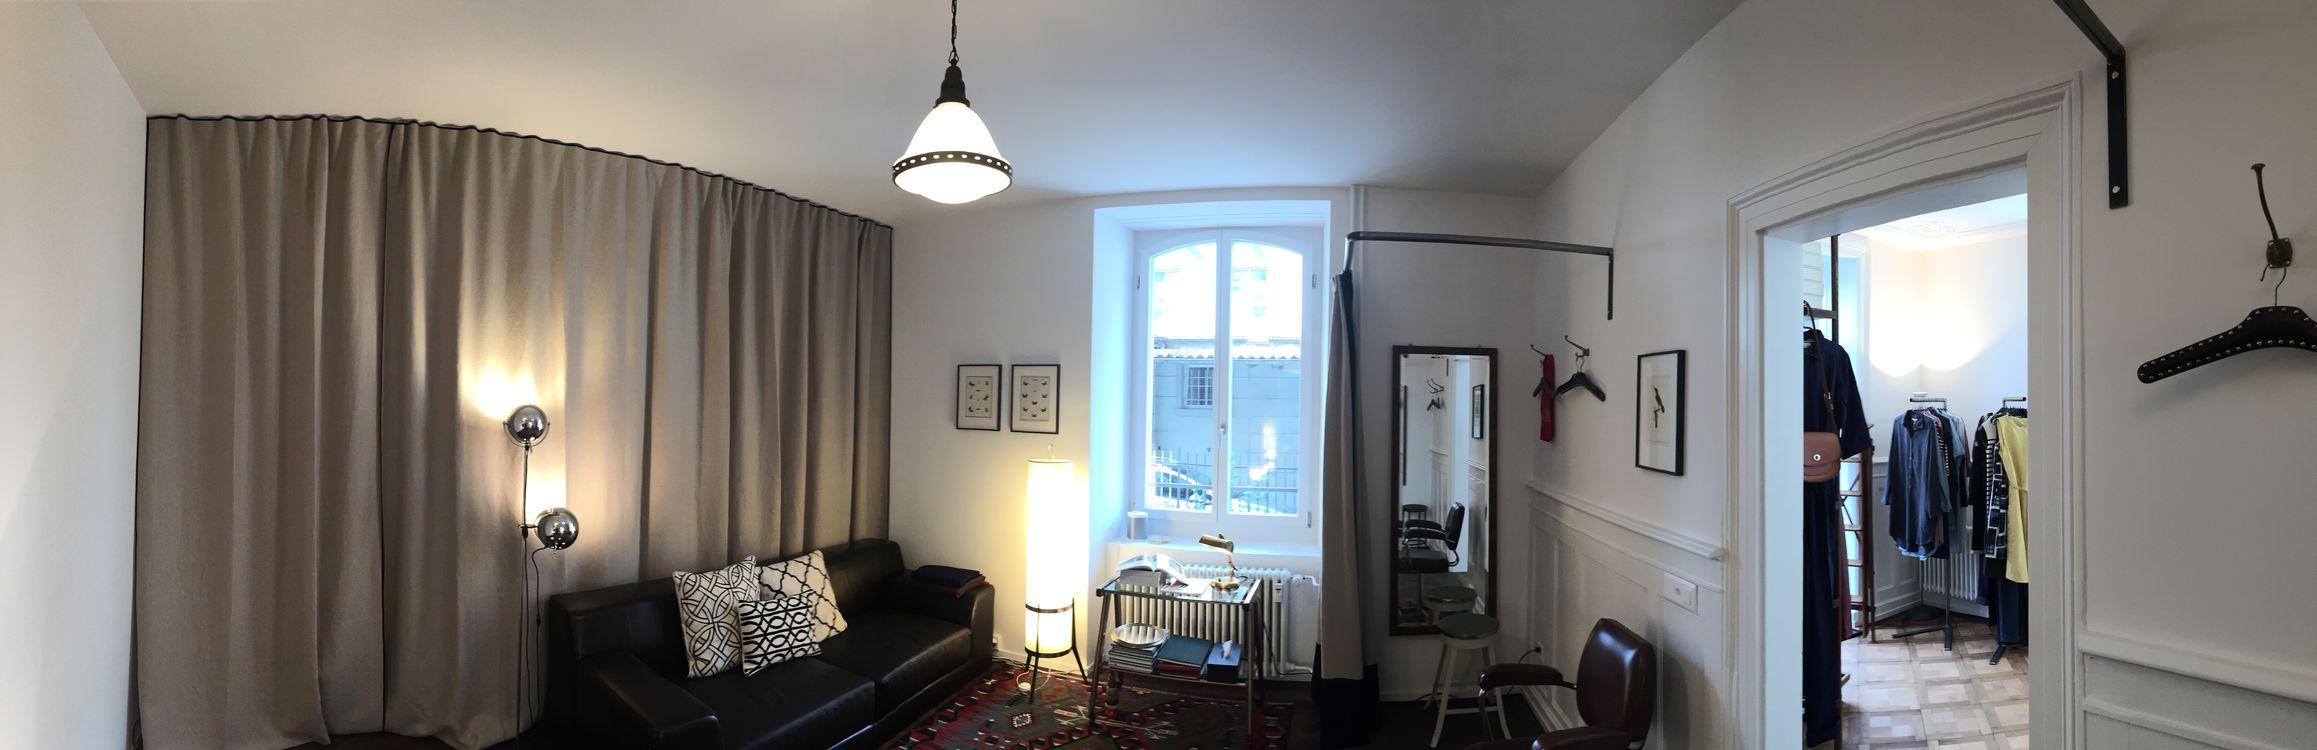 Bruton & Hudson in Zürich (Bild 13)